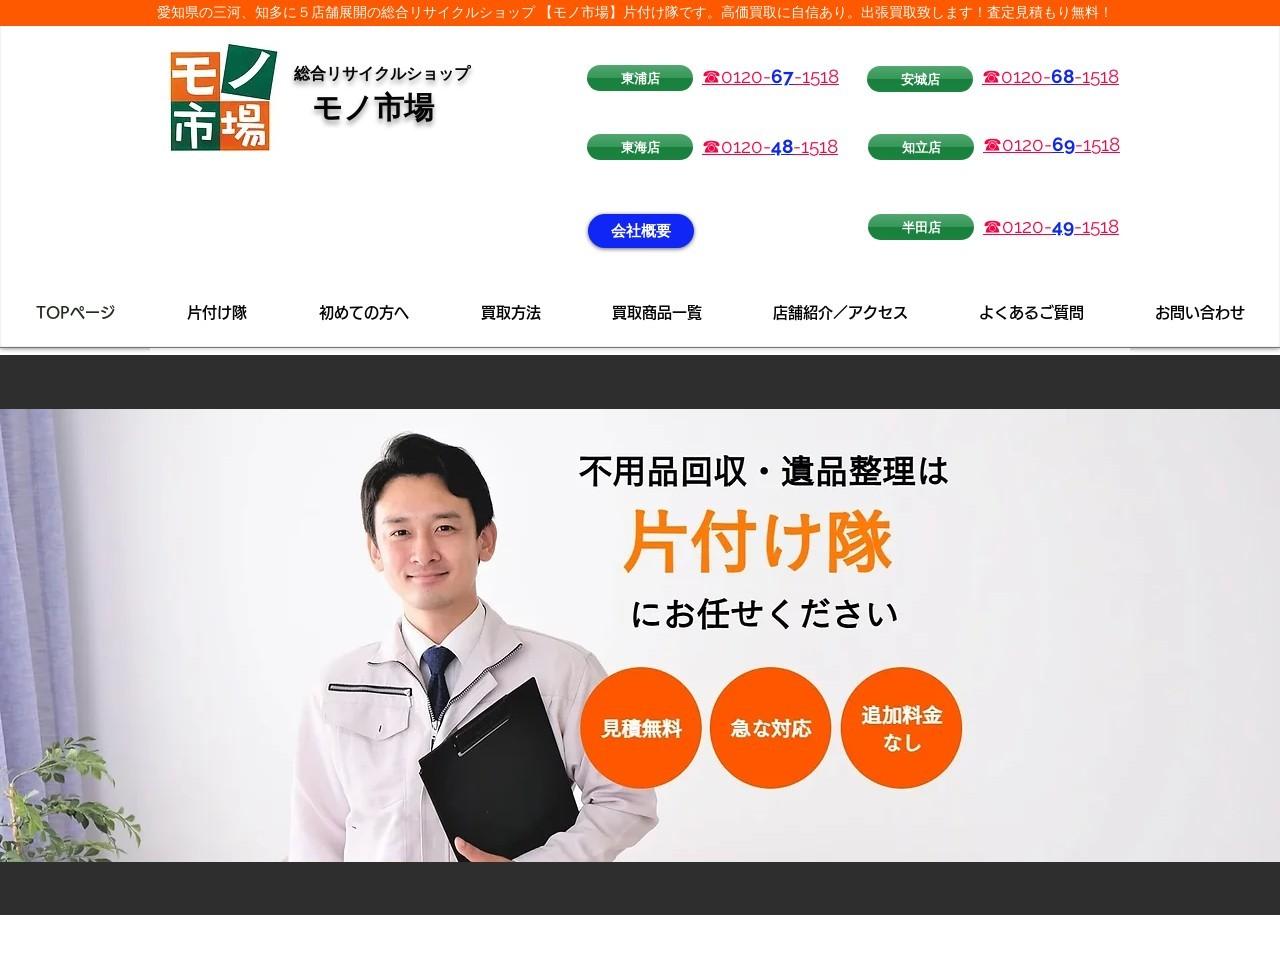 アウトレット&リサイクルモノ市場岡崎矢作店